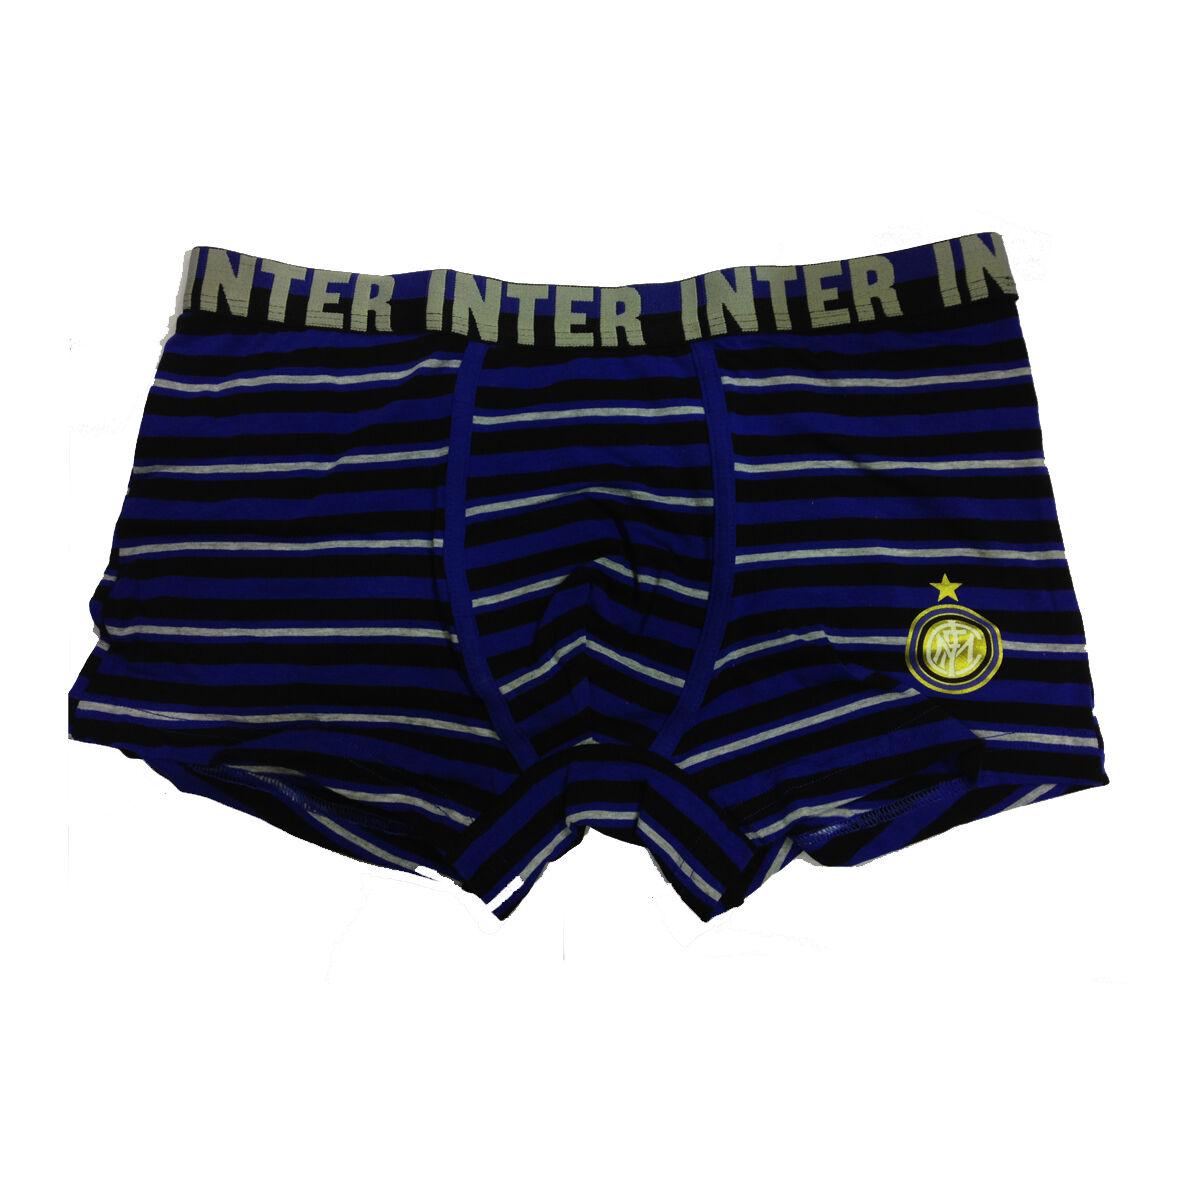 INTER boxer de fantaisie coton sous-vêteHommes ts taille taille taille 16 ans pour enfant 836671